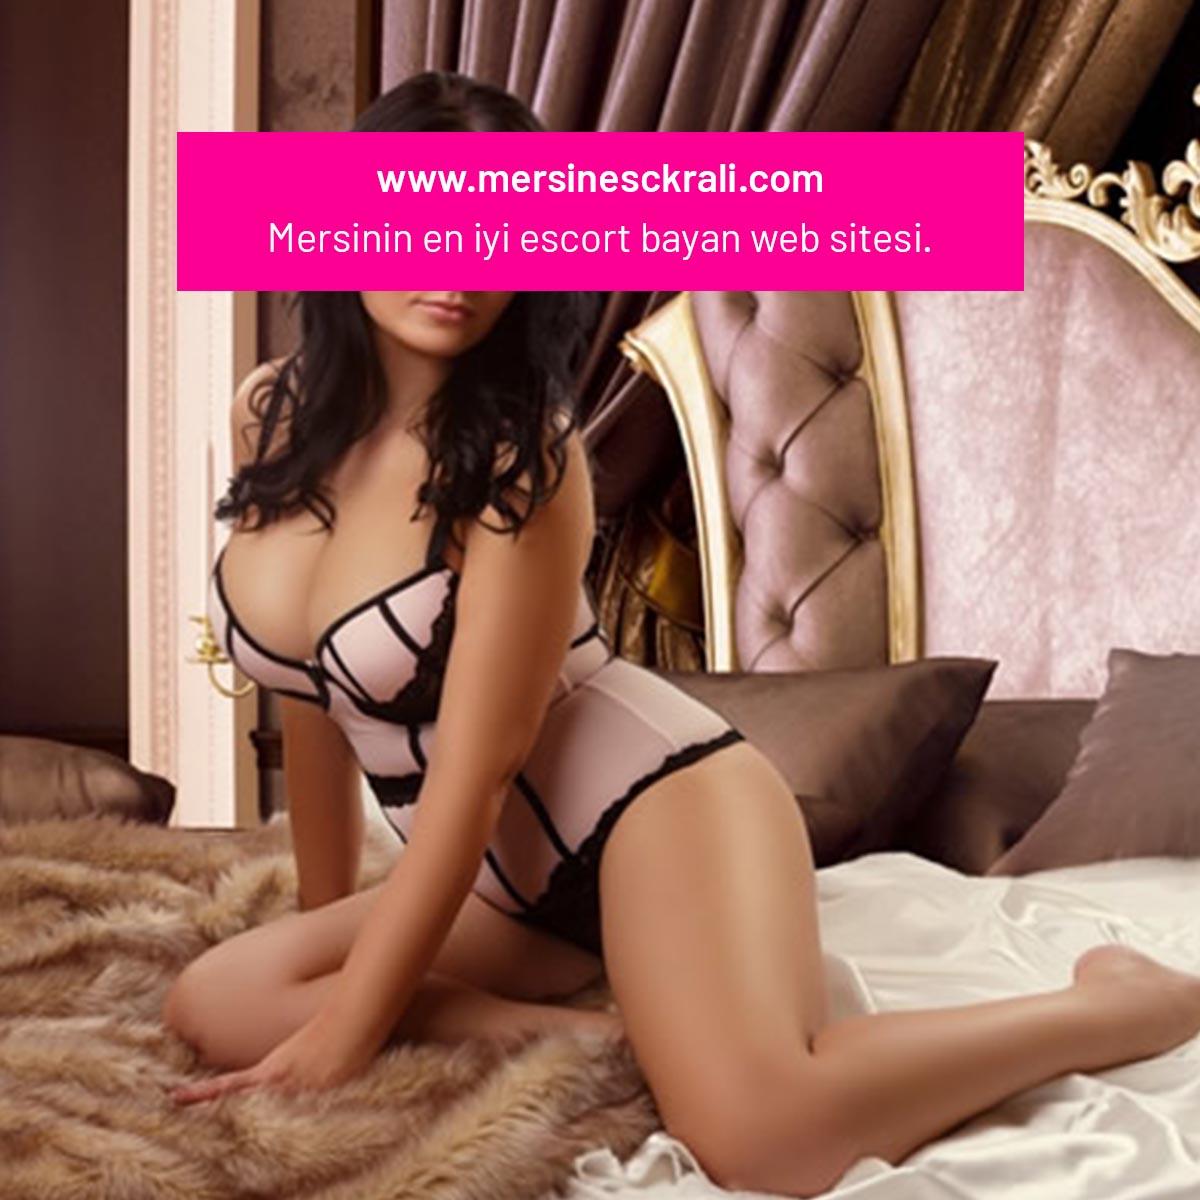 Rus Escort bayan Natali seni bekliyor 2